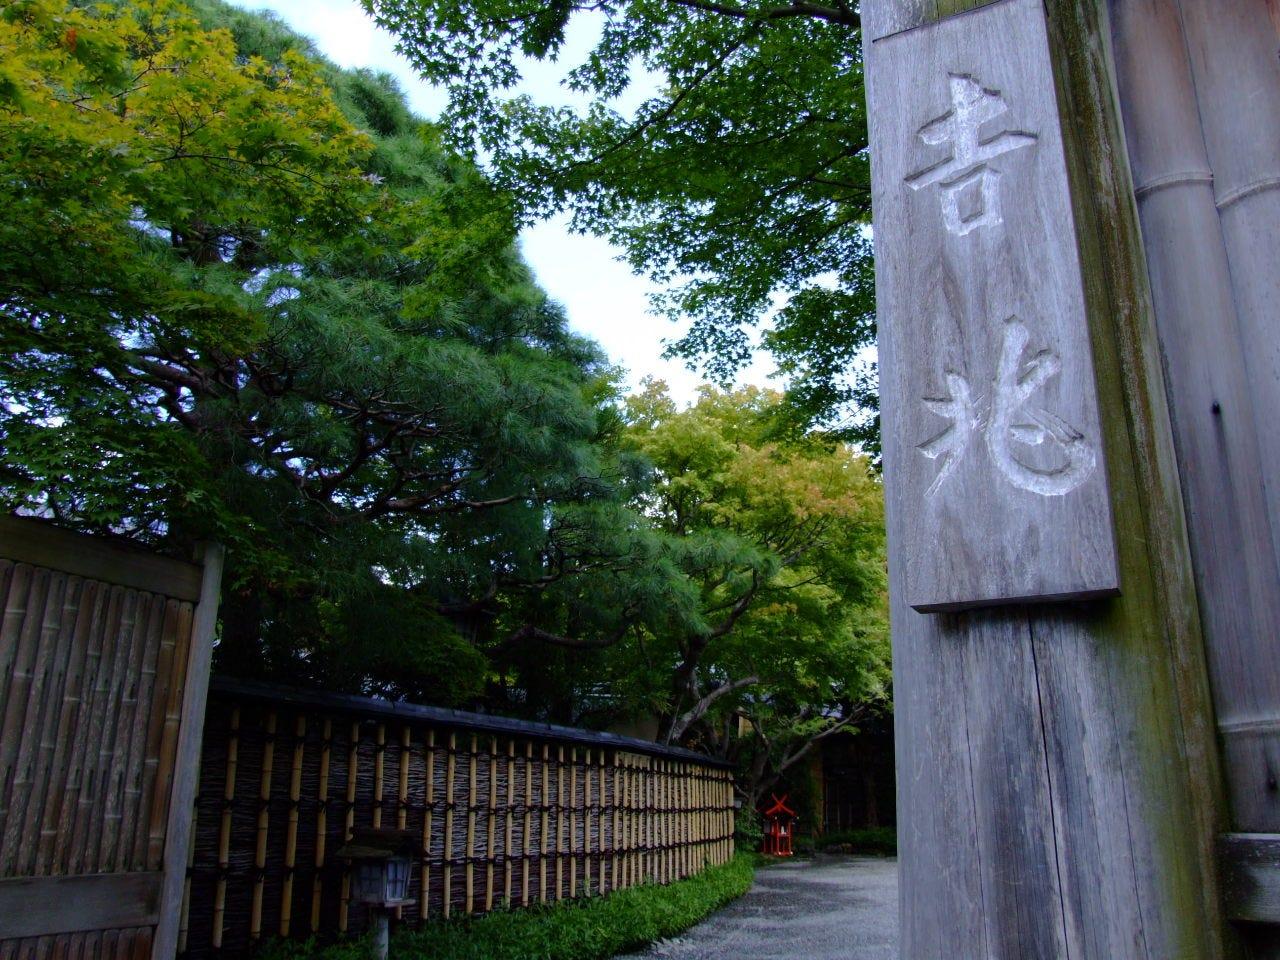 嵐山の地にしっとりと添い 穏やかに歓迎の心を表した門構え